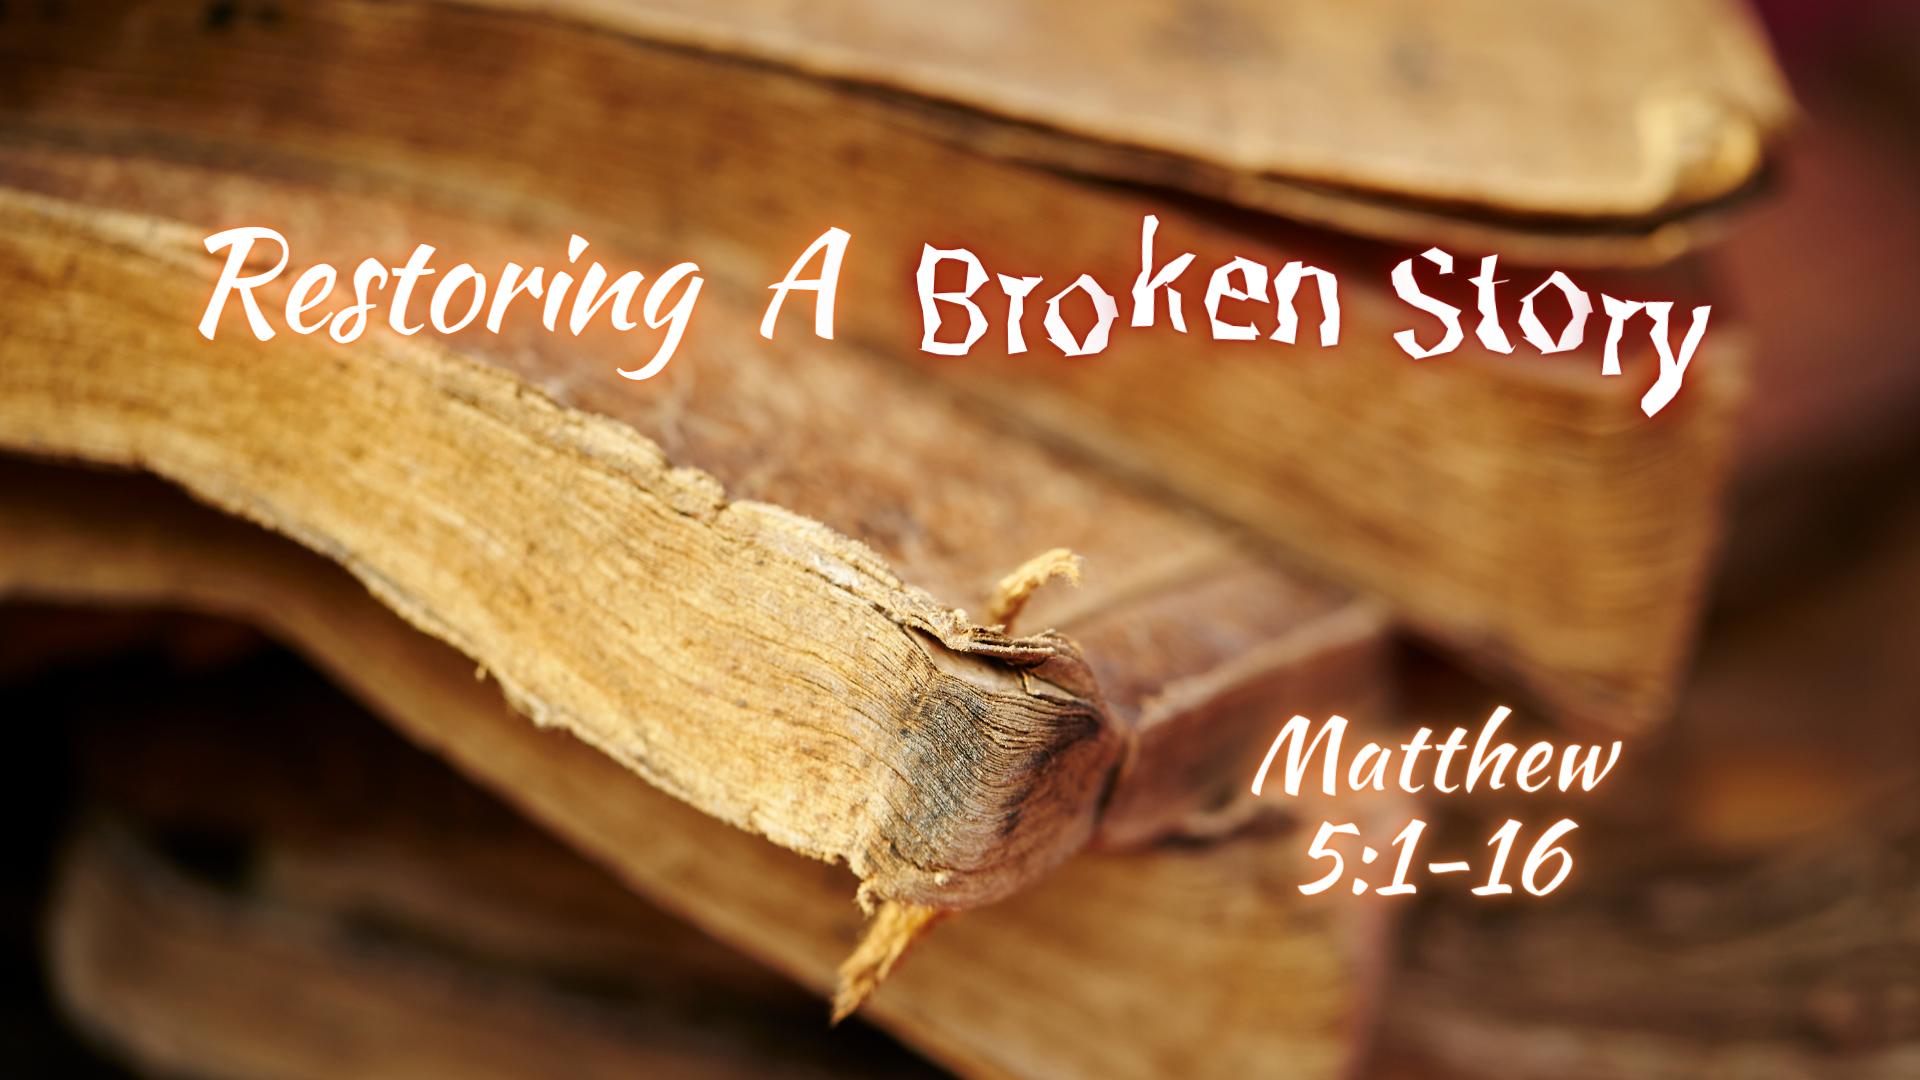 Restoring A Broken Story Matthew 51-16